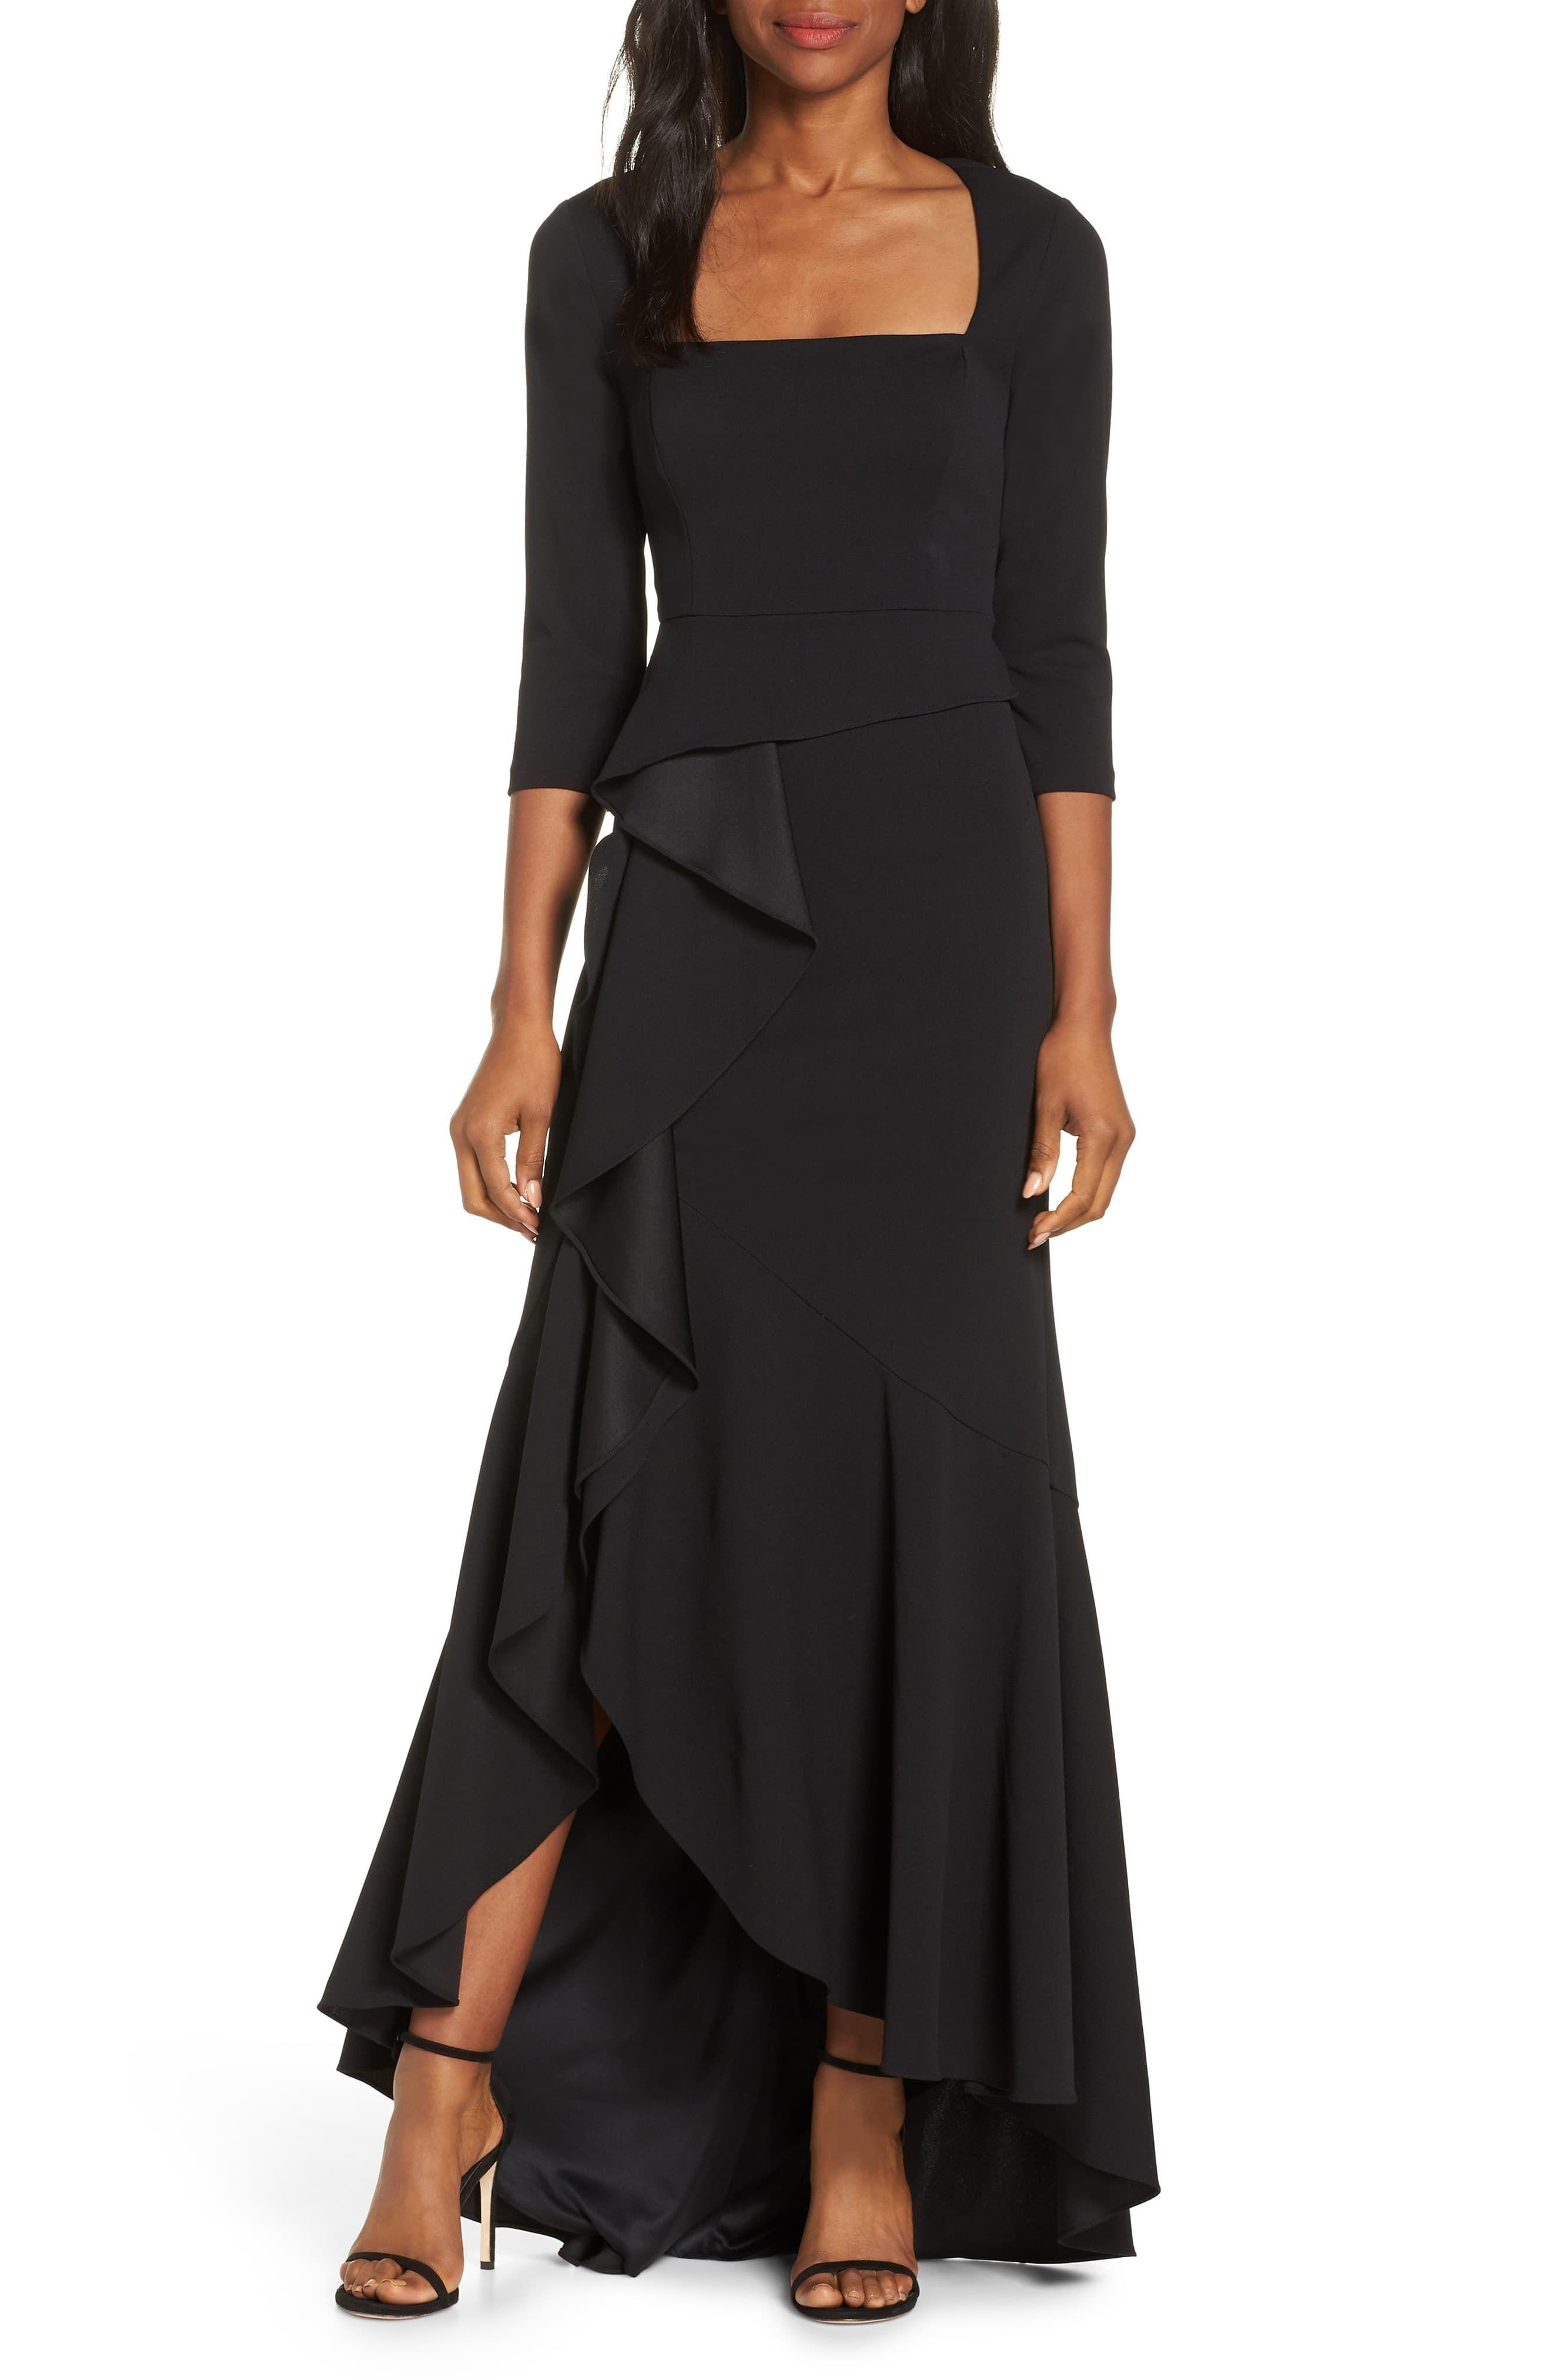 Adrianna Papell Cascade Ruffle Evening Dress | Evening